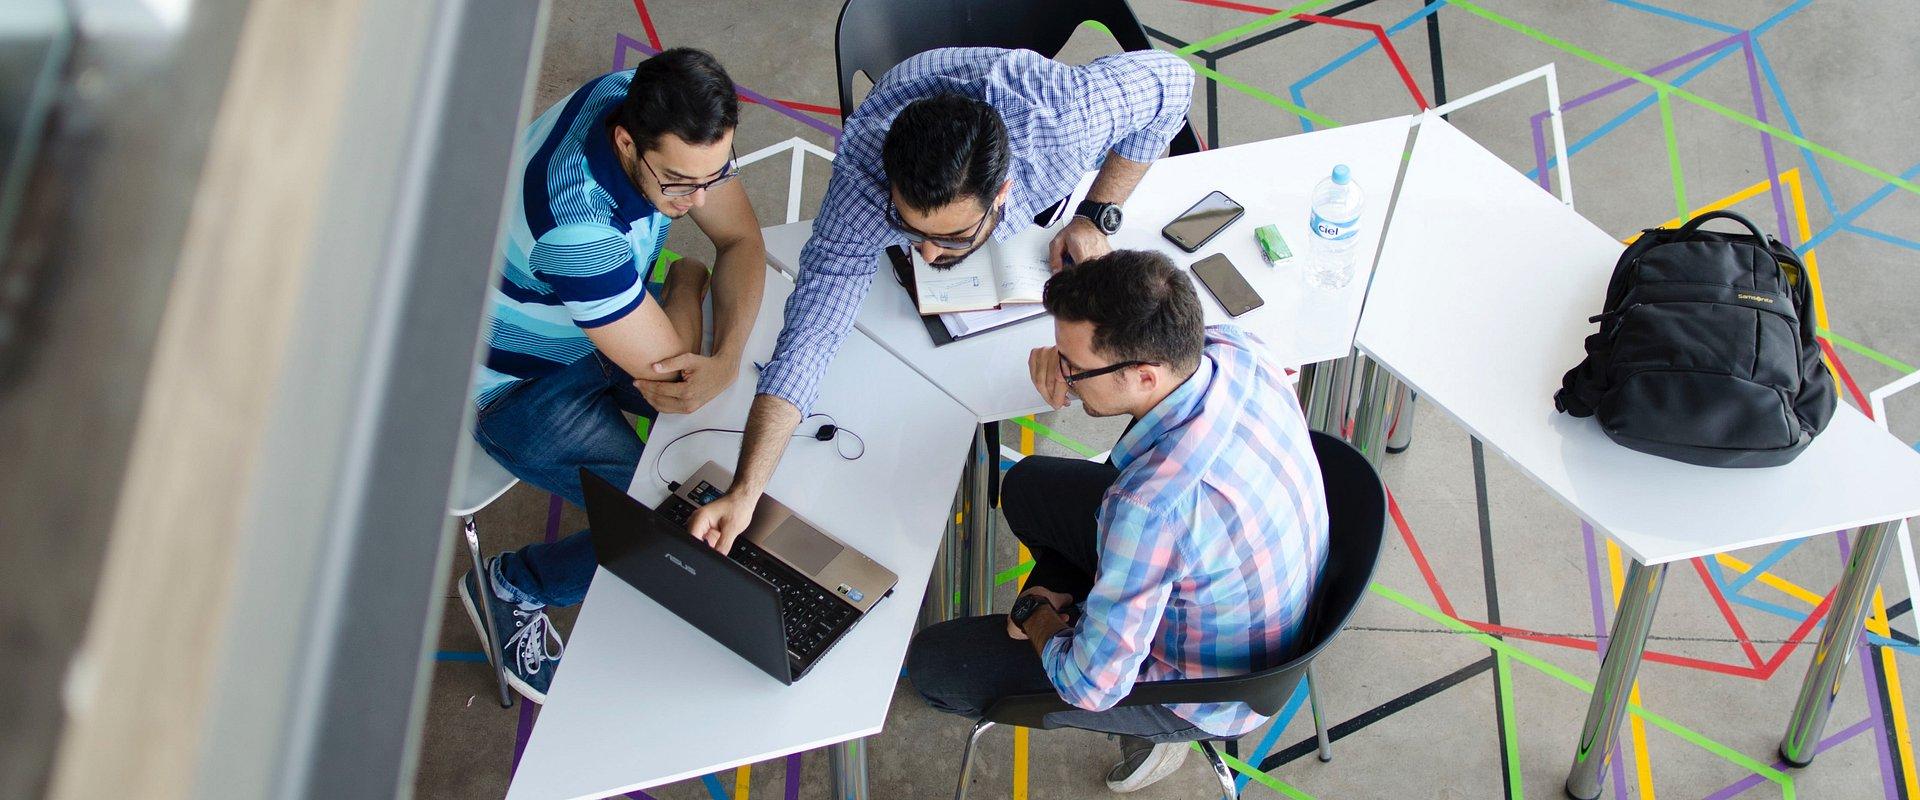 Grupa Pracuj wesprze 12 najzdolniejszych studentów IT!